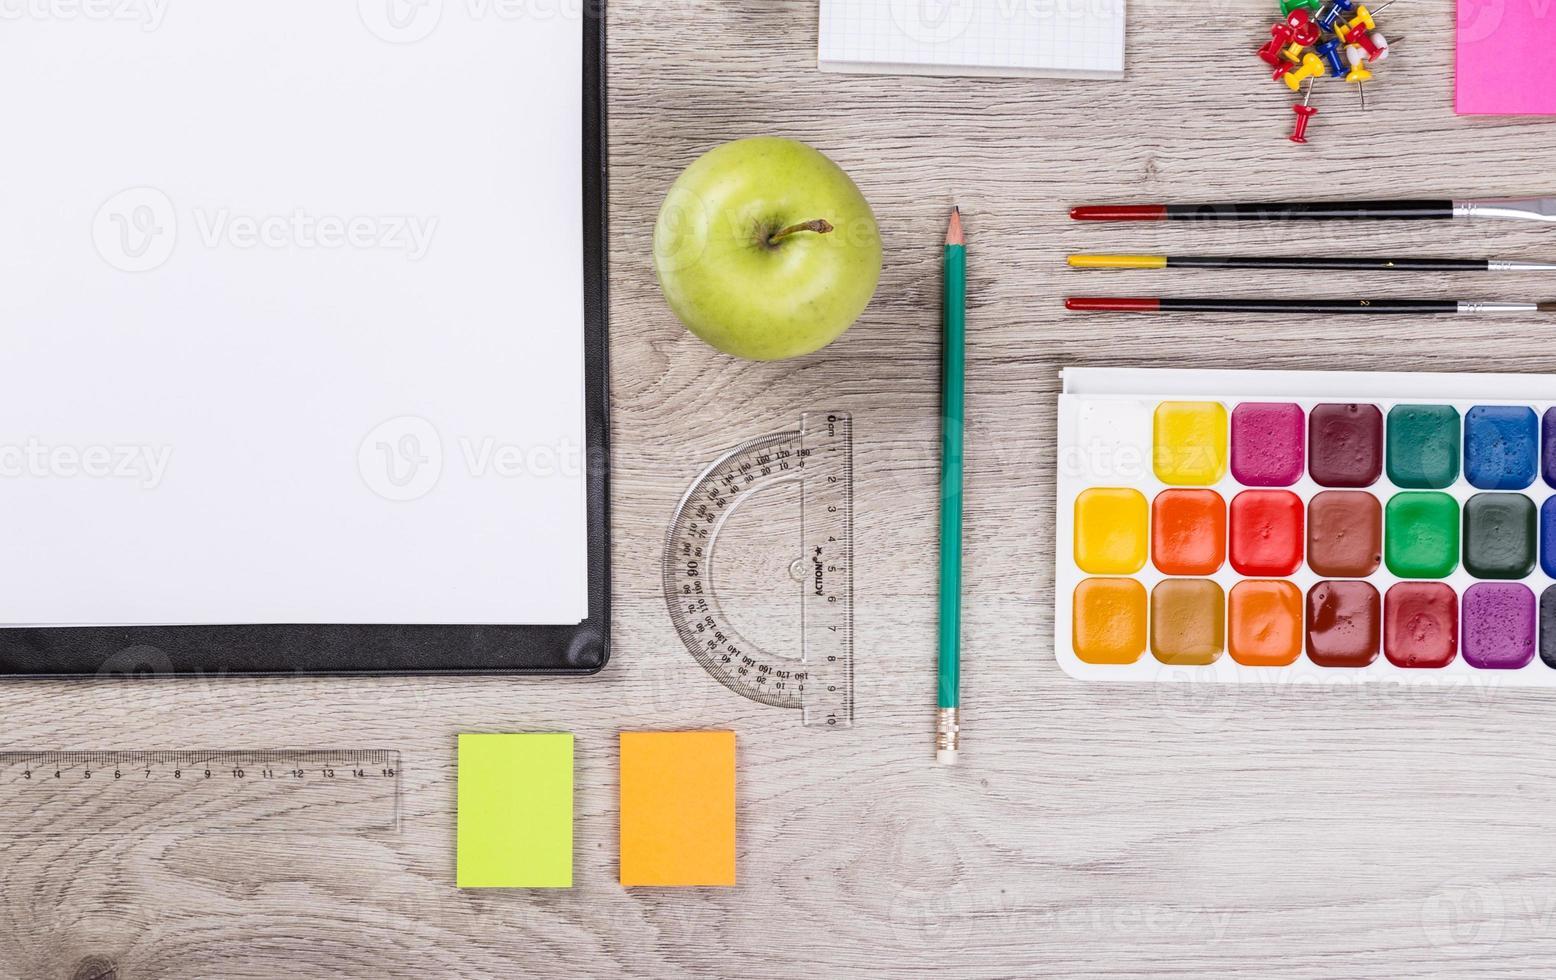 Papier, Bleistifte, Pinsel, grüner Apfel auf Holztisch foto